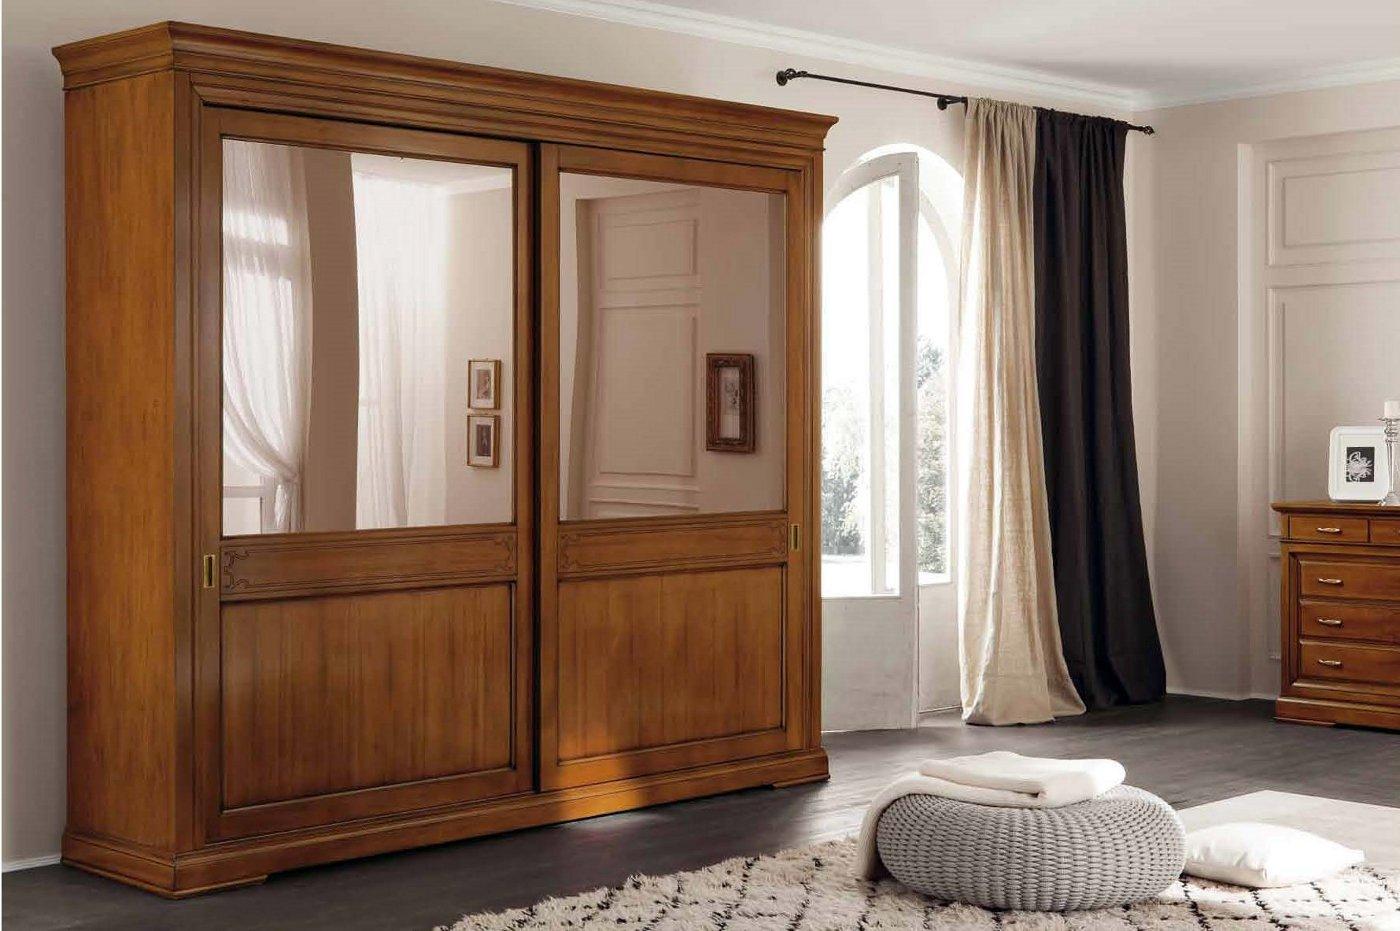 Armadio scorrevole classico mobili arredamento cucine for Lube camere da letto